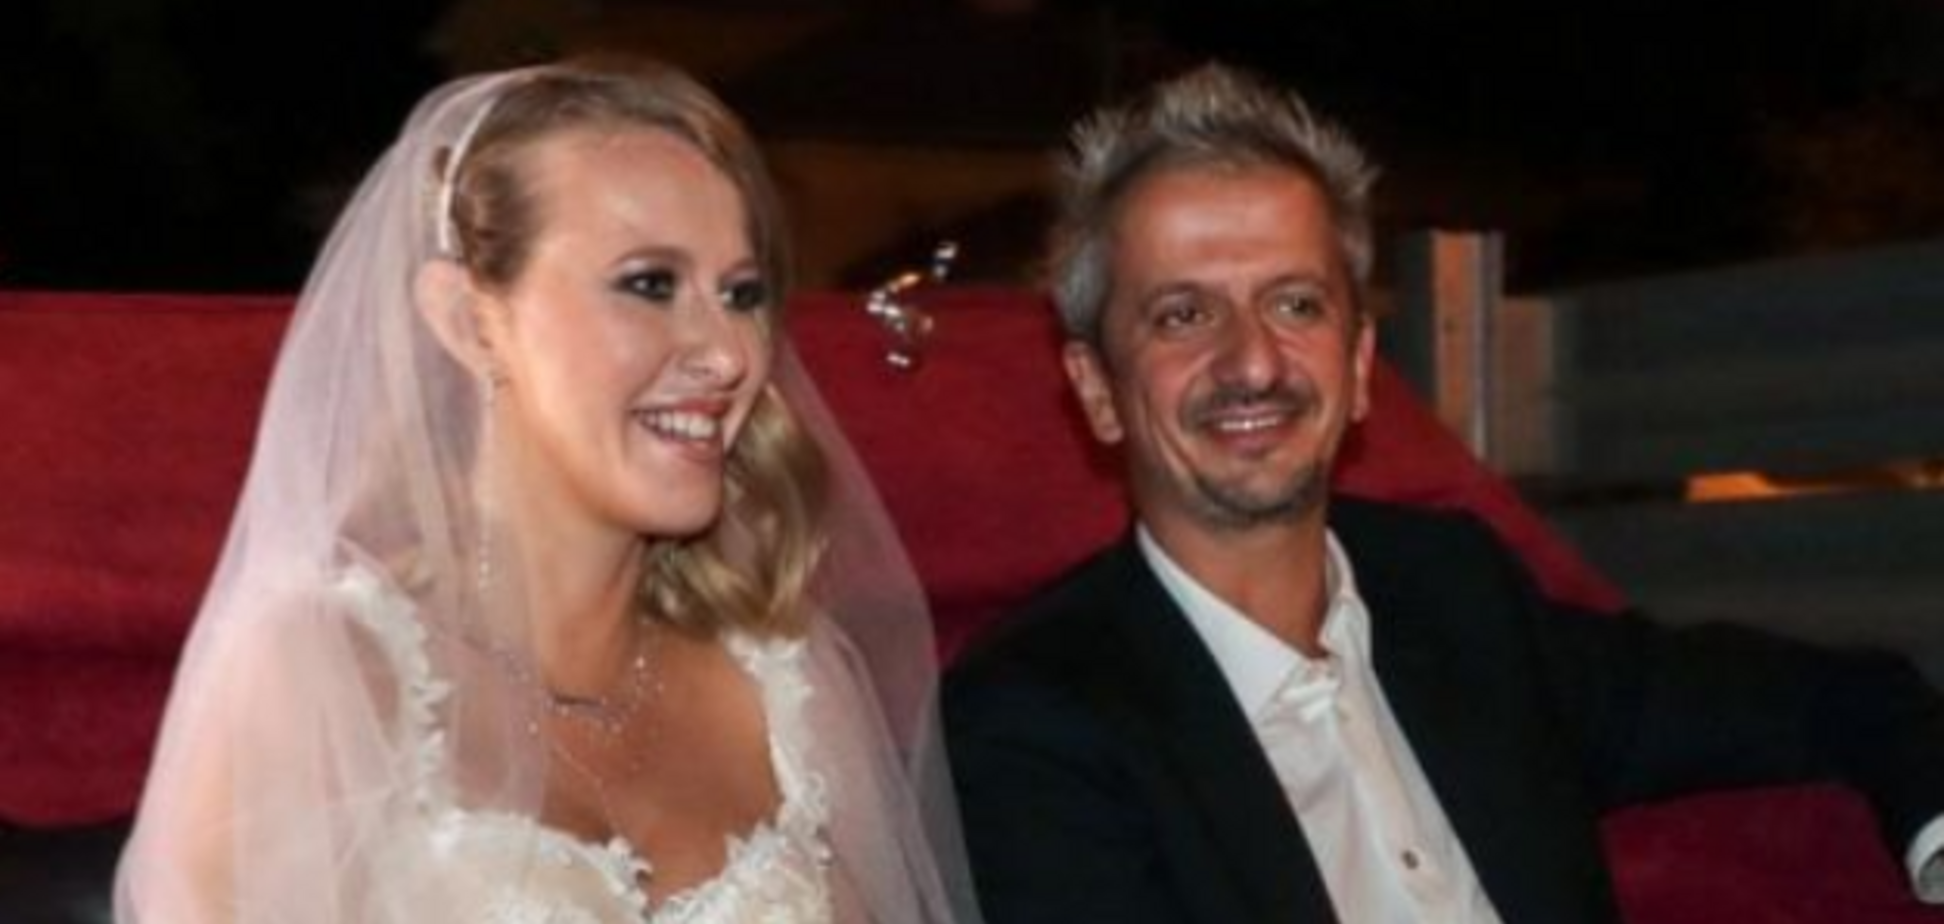 Поцелуй Собчак и Богомолова на свадьбе попал на видео